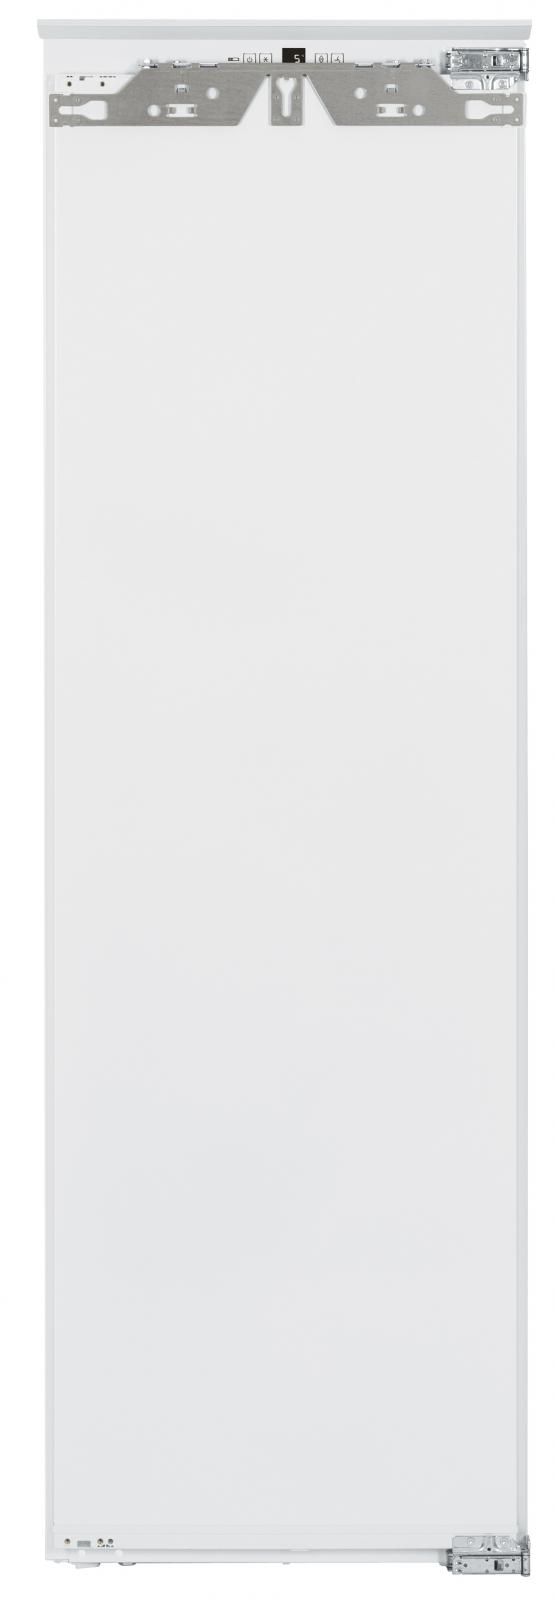 купить Встраиваемый однокамерный холодильник Liebherr IK 3520 Украина фото 1